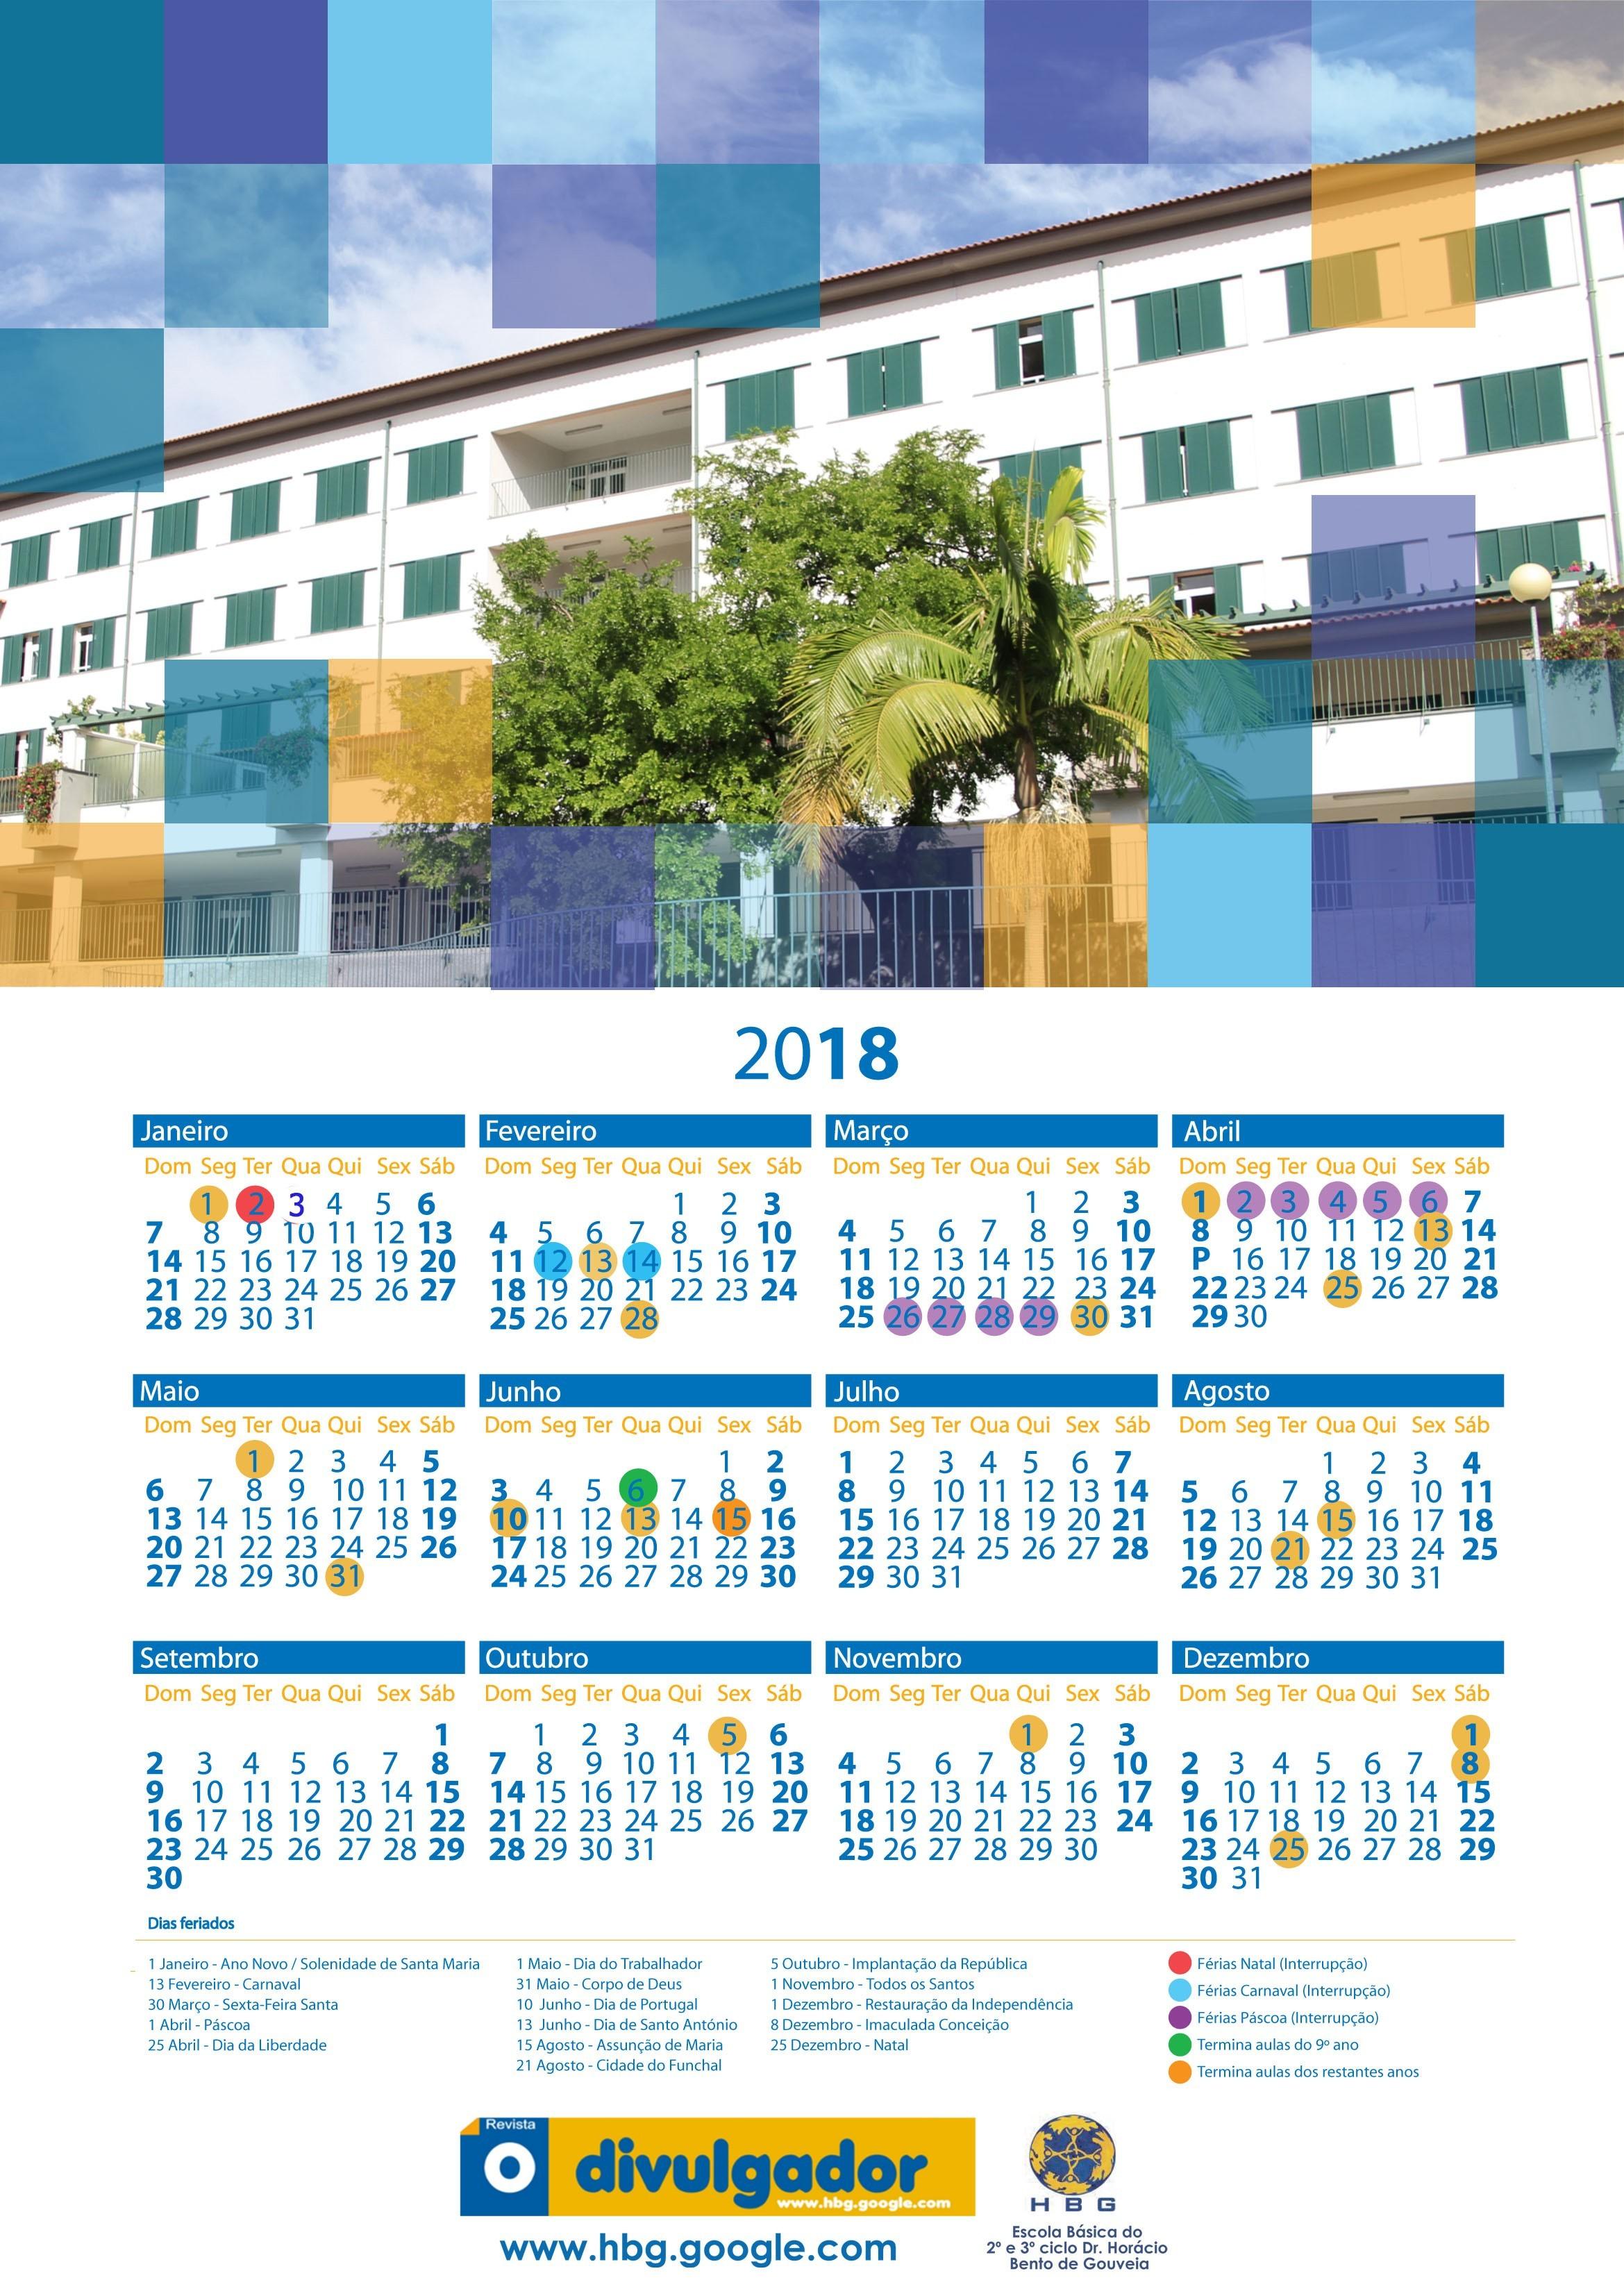 A Arte de Ensinar e Aprender t Calendario 2018 con calendƒ¡rio setembro 2019 Calendƒ¡rio Janeiro 2019 Imprimir